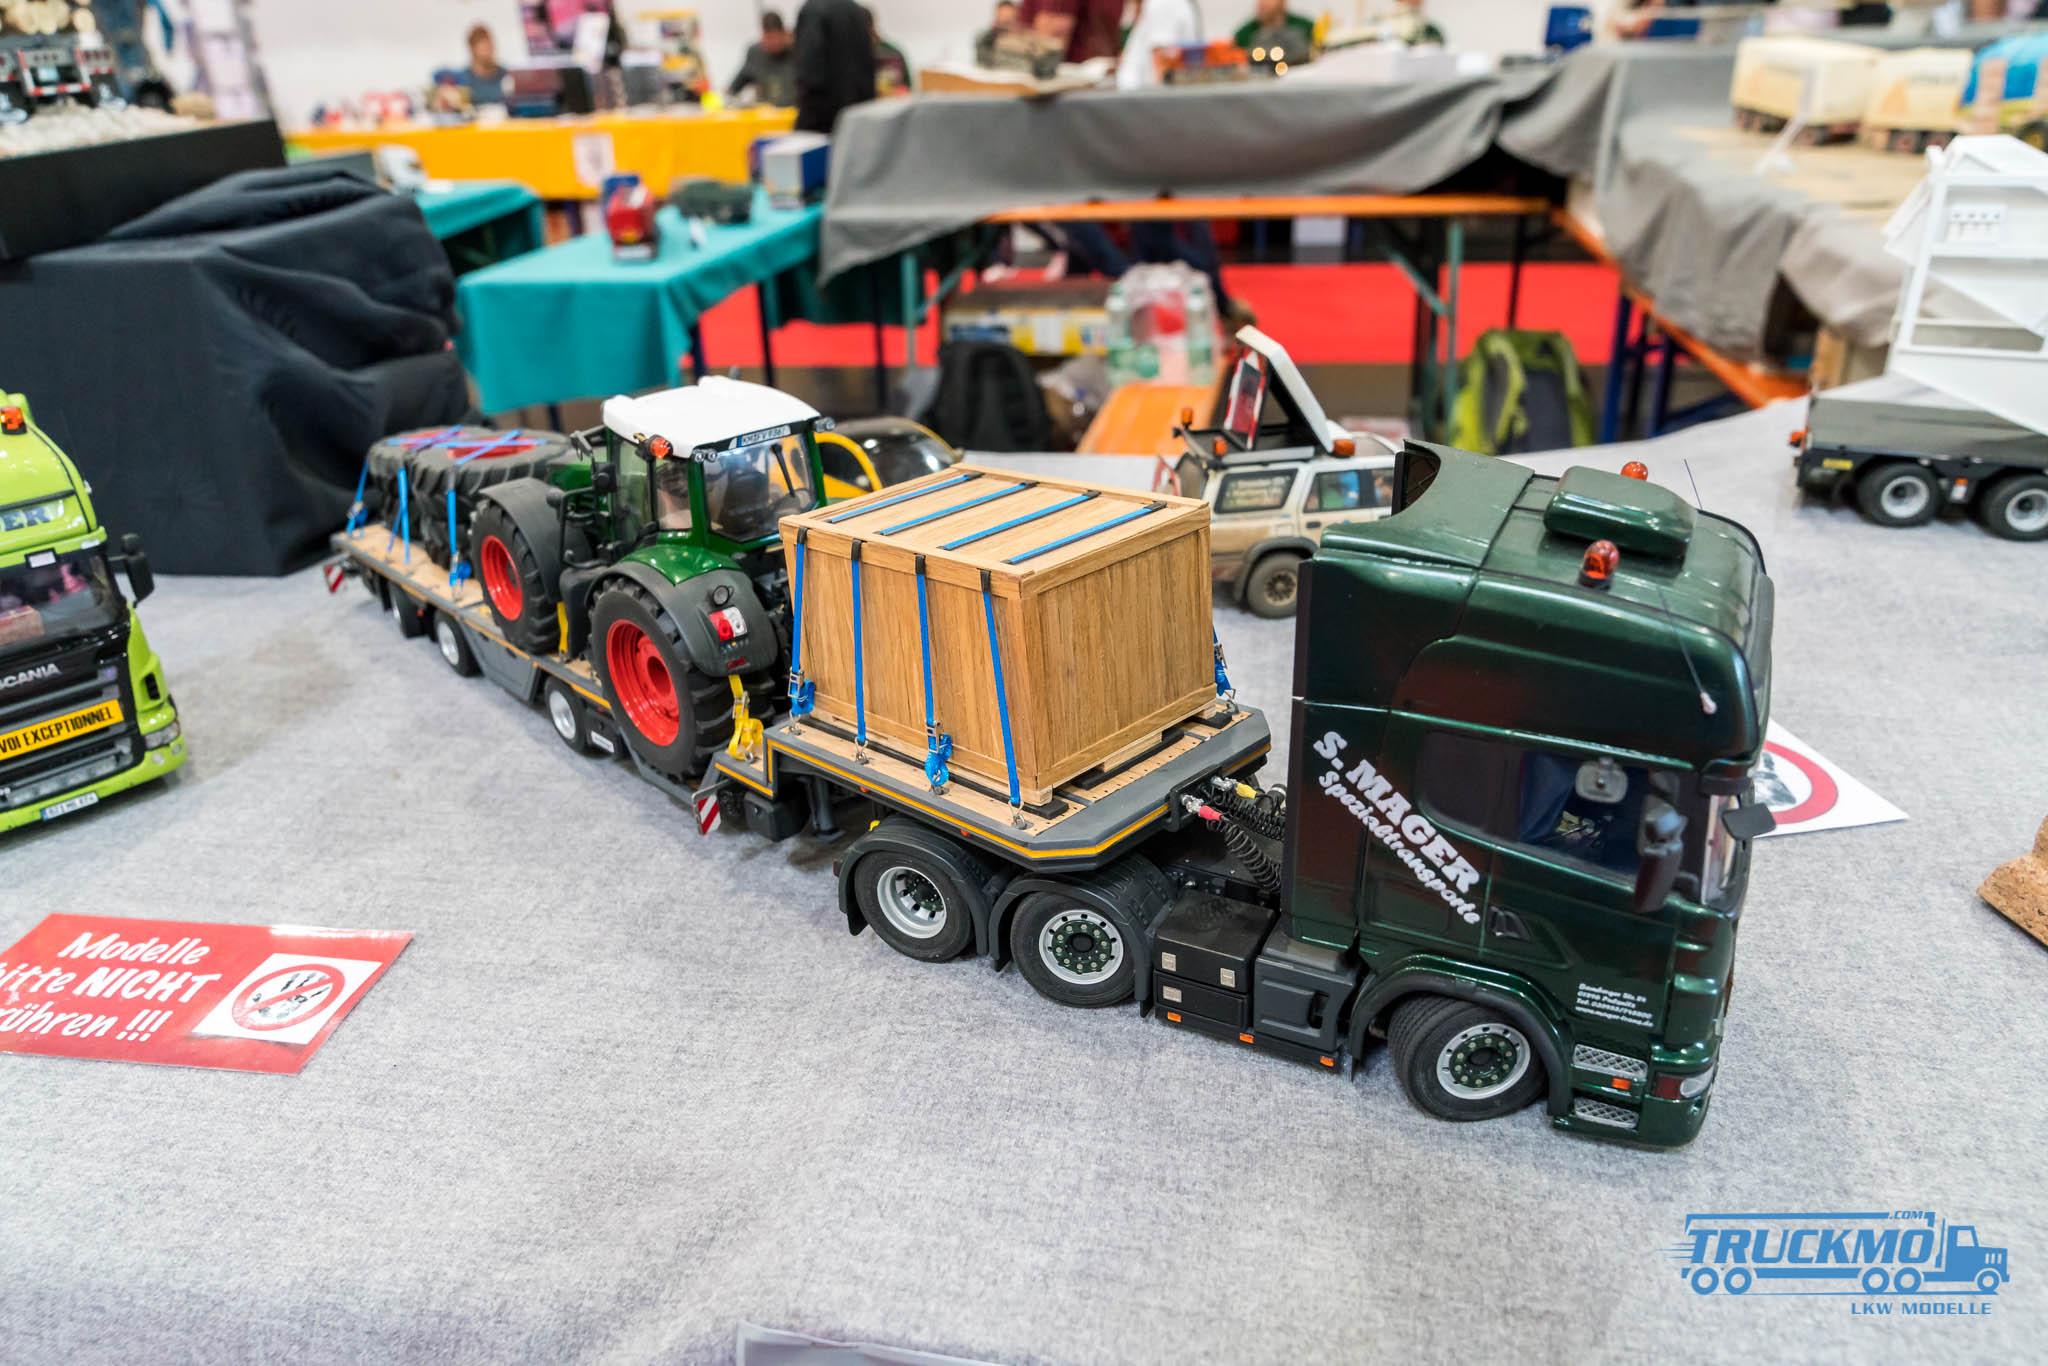 Truckmo_Modellbau_Ried_2017_Herpa_Messe_Modellbauausstellung (406 von 1177)